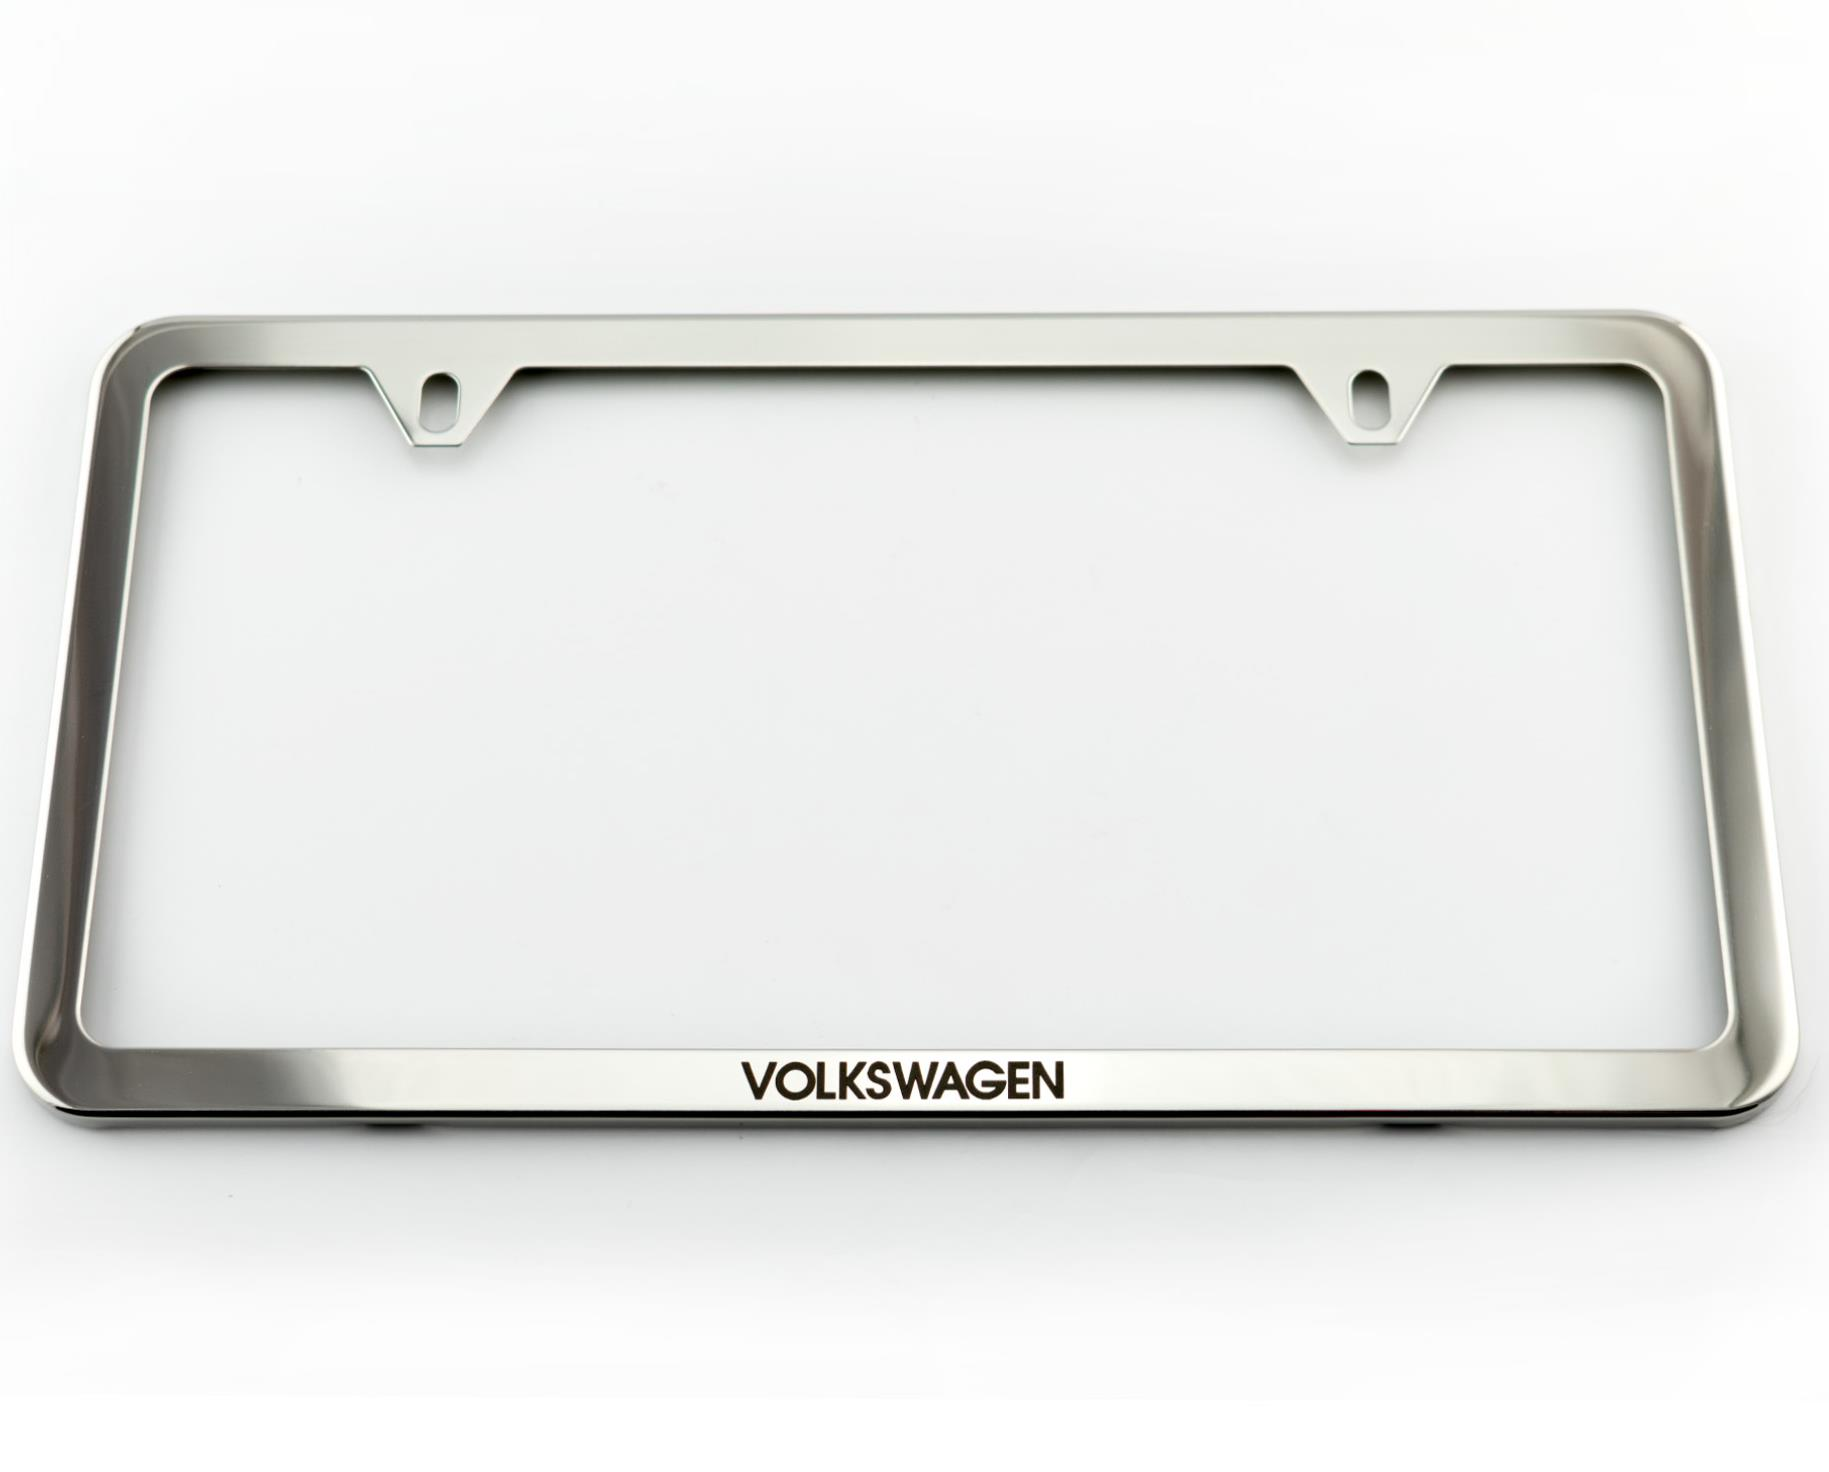 Vw Kearny Mesa >> 2015 Volkswagen License plate frame - Slim with Logo - Polished. Frames, vanity frames ...